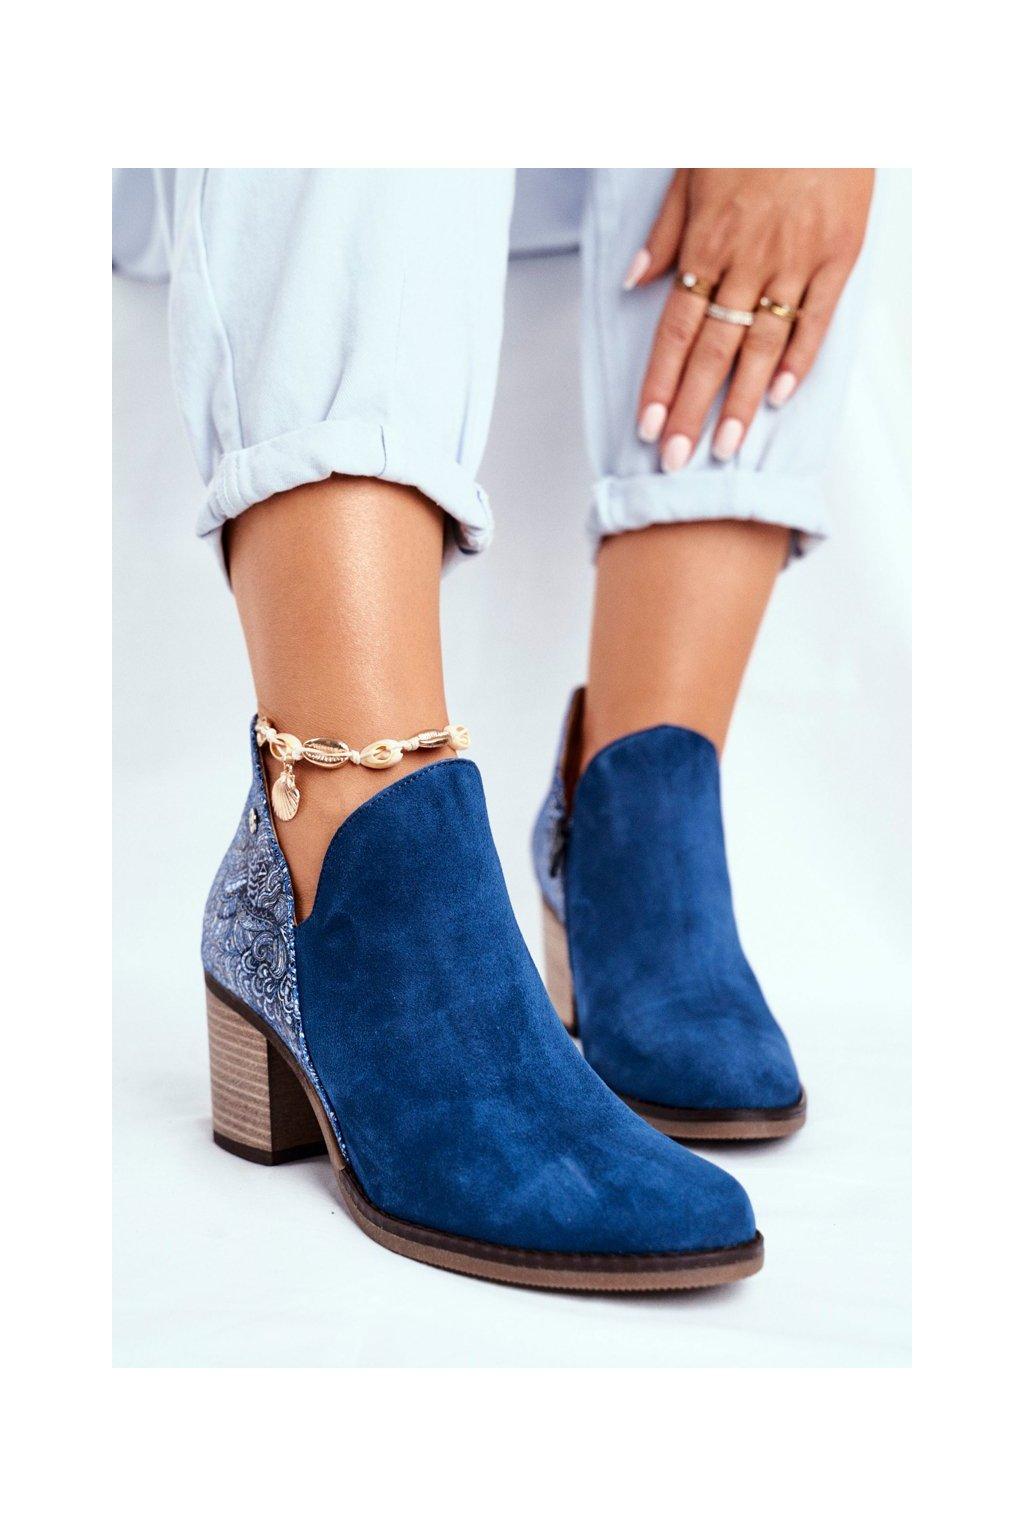 Členkové topánky na podpätku farba modrá NJSK 04492-17/00-5 GRANATOWE